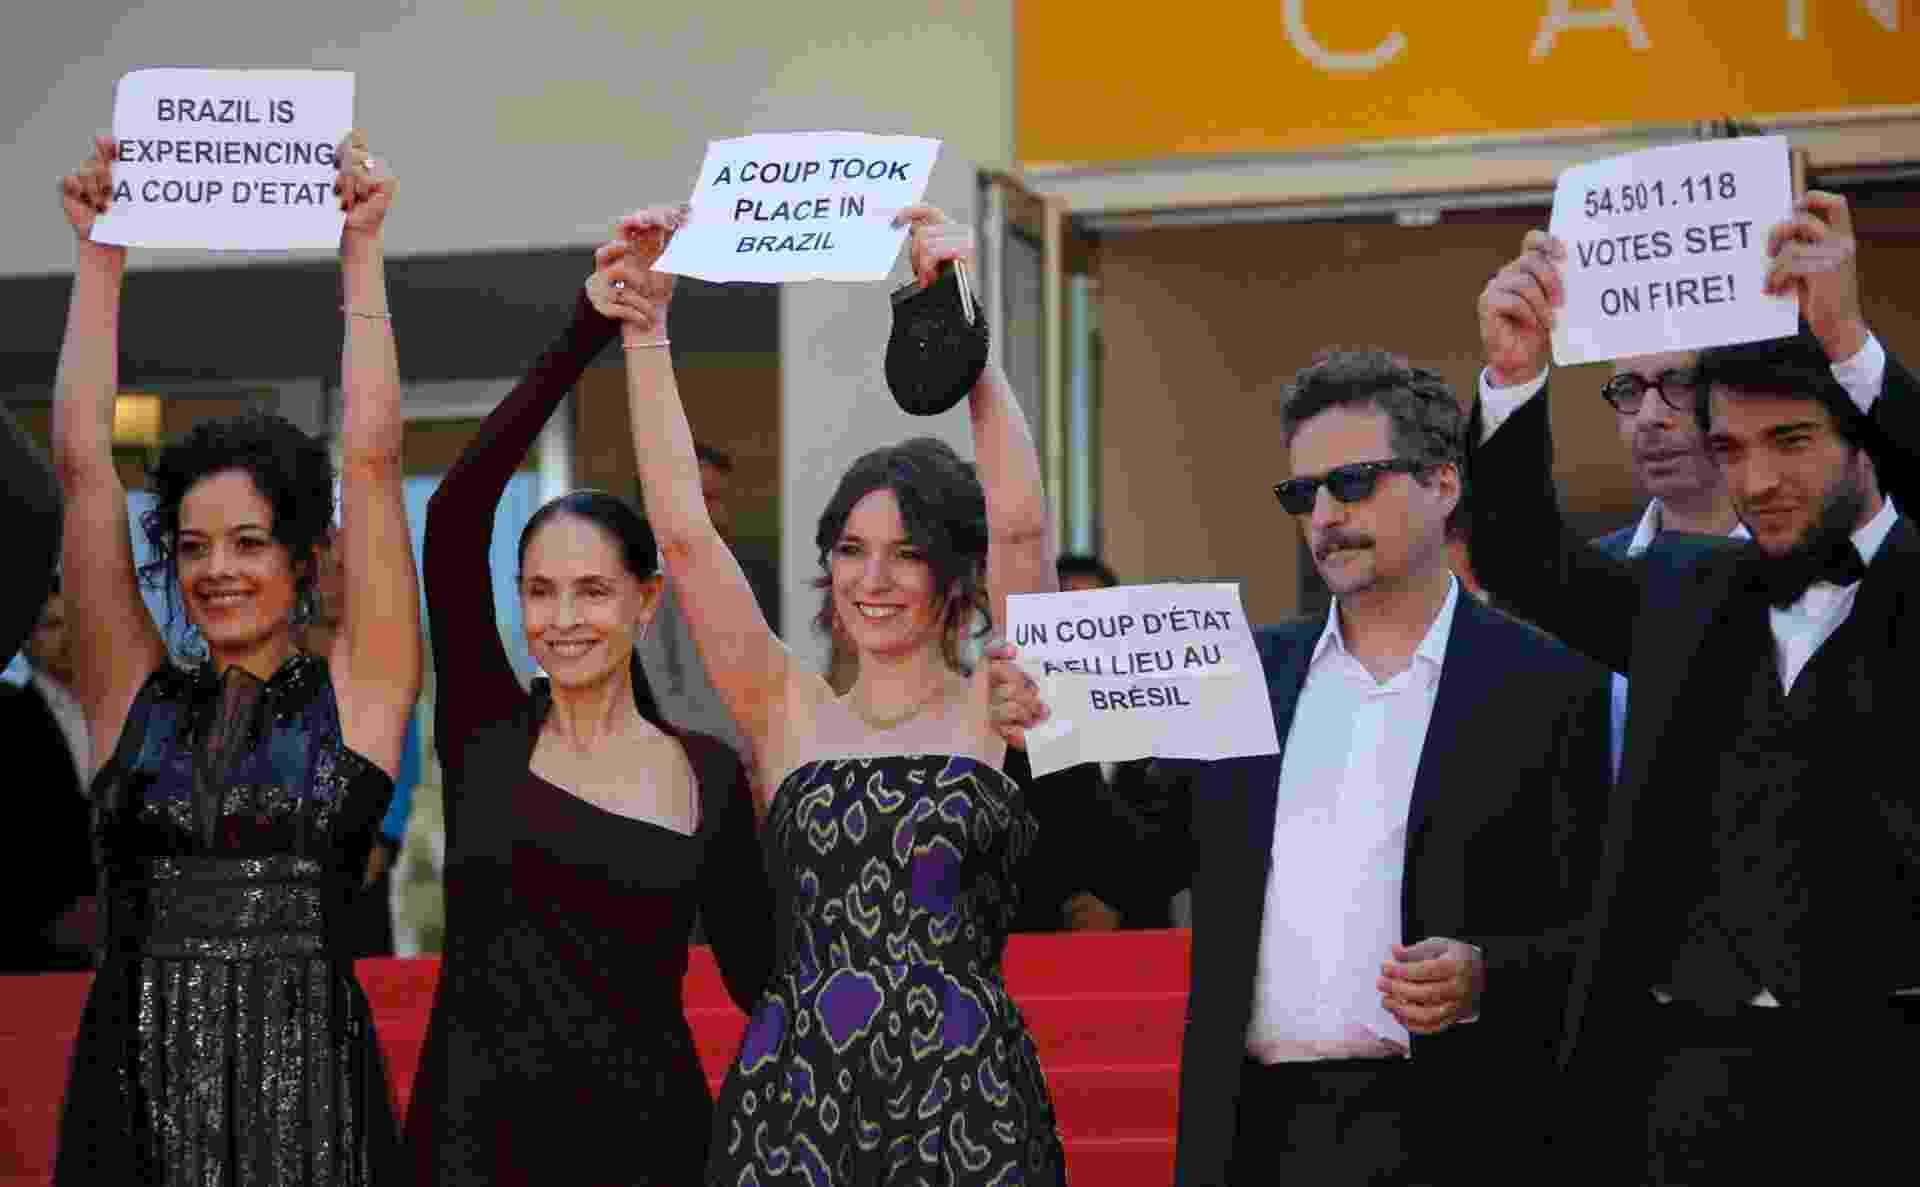 """17.mai.2016 - Equipe do filme brasileiro """"Aquarius"""", que disputa a Palma de Ouro em Cannes, protesta conta o impeachment com faixas e dizeres: """"Pare o golpe no Brasil"""" e """"Vamos resistir"""" - REUTERS/Yves Herman"""